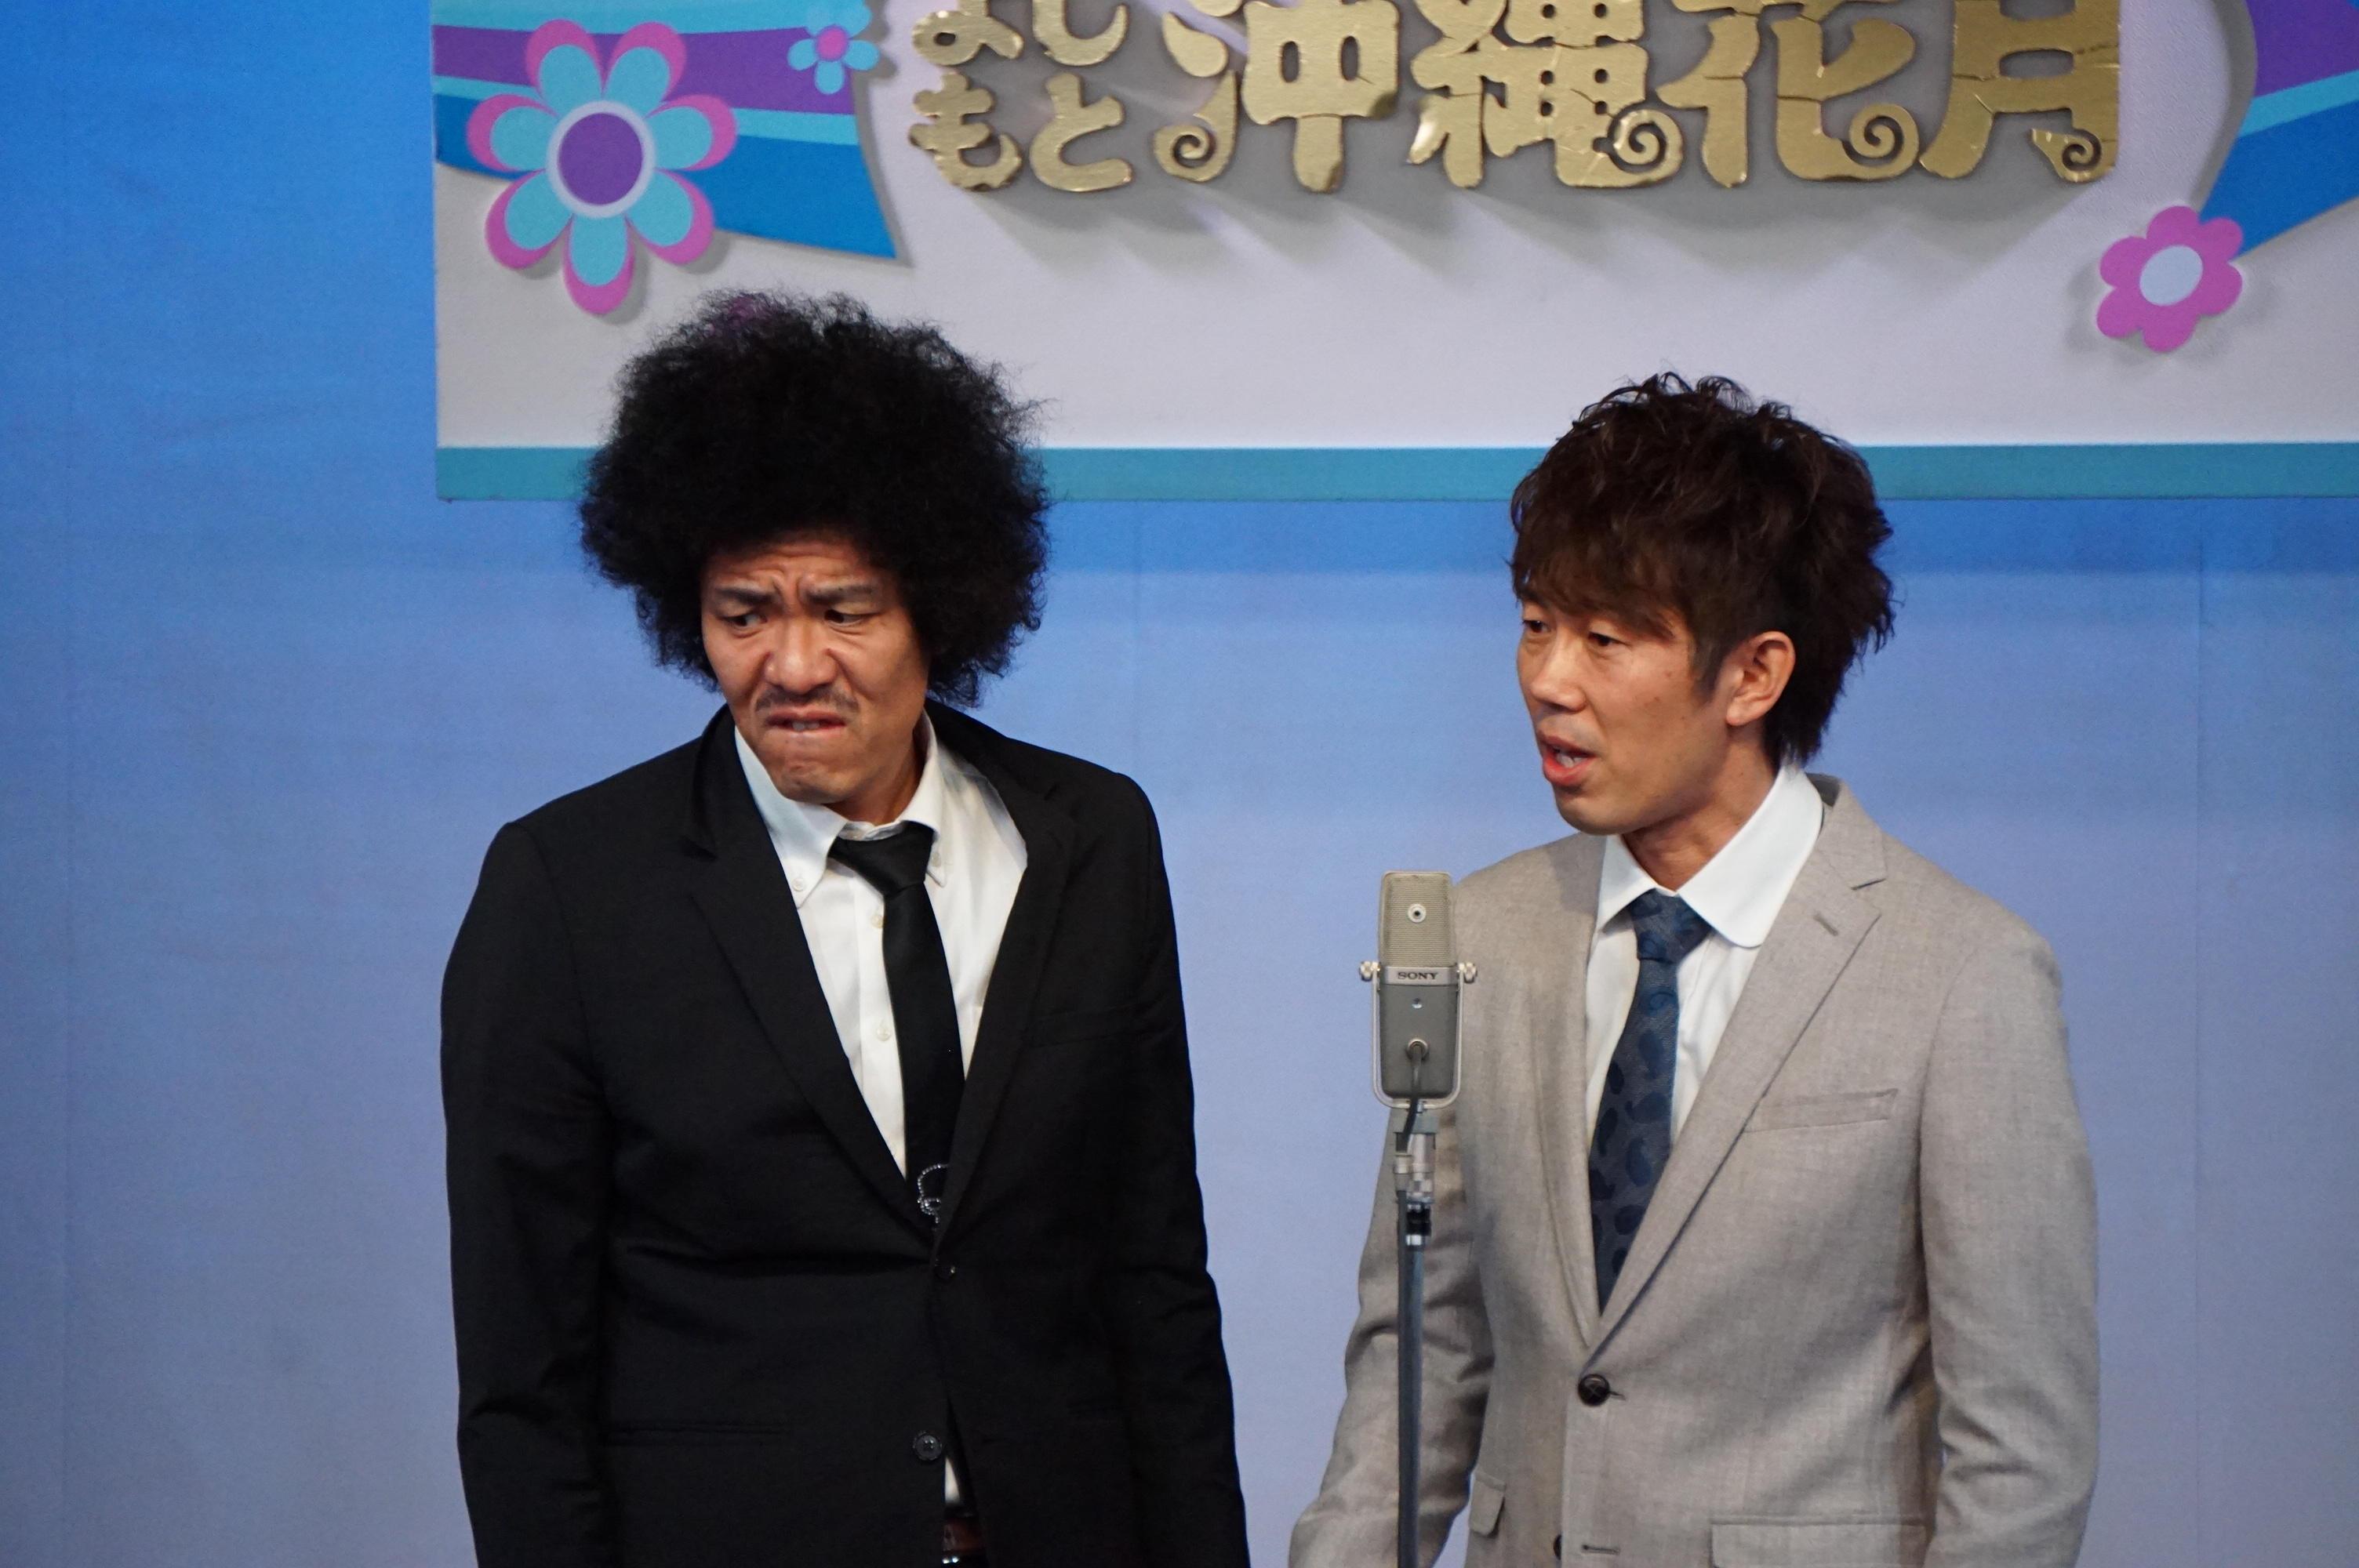 http://news.yoshimoto.co.jp/20170314201648-d37bcee41d22ab98e9467bd76f060a69f3cf4567.jpg